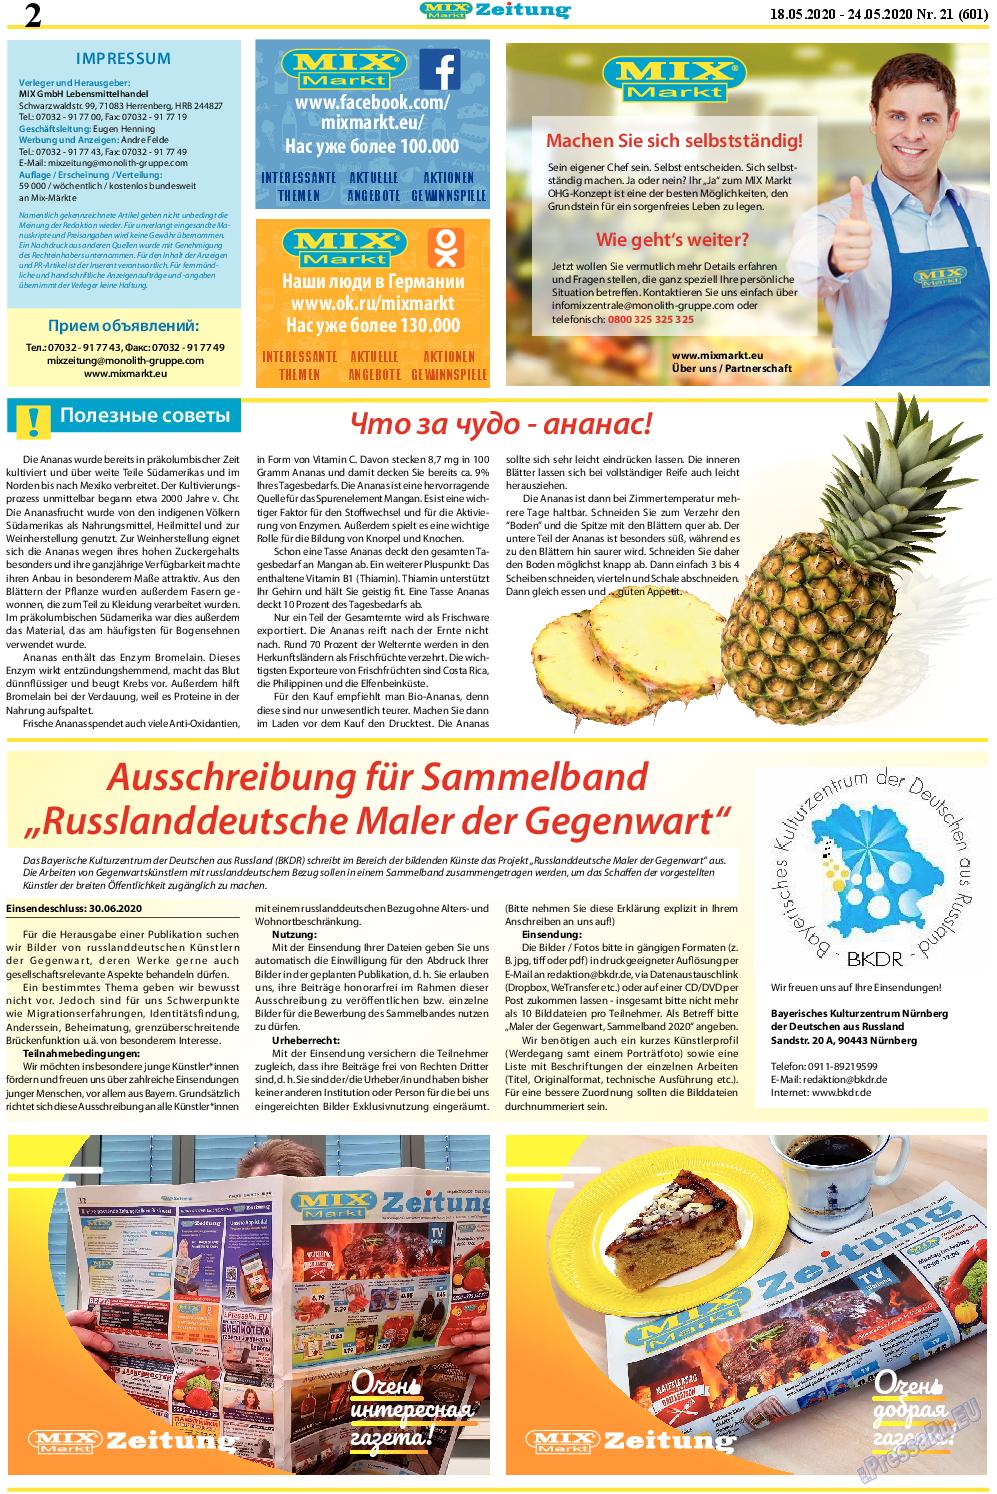 MIX-Markt Zeitung (газета). 2020 год, номер 21, стр. 2